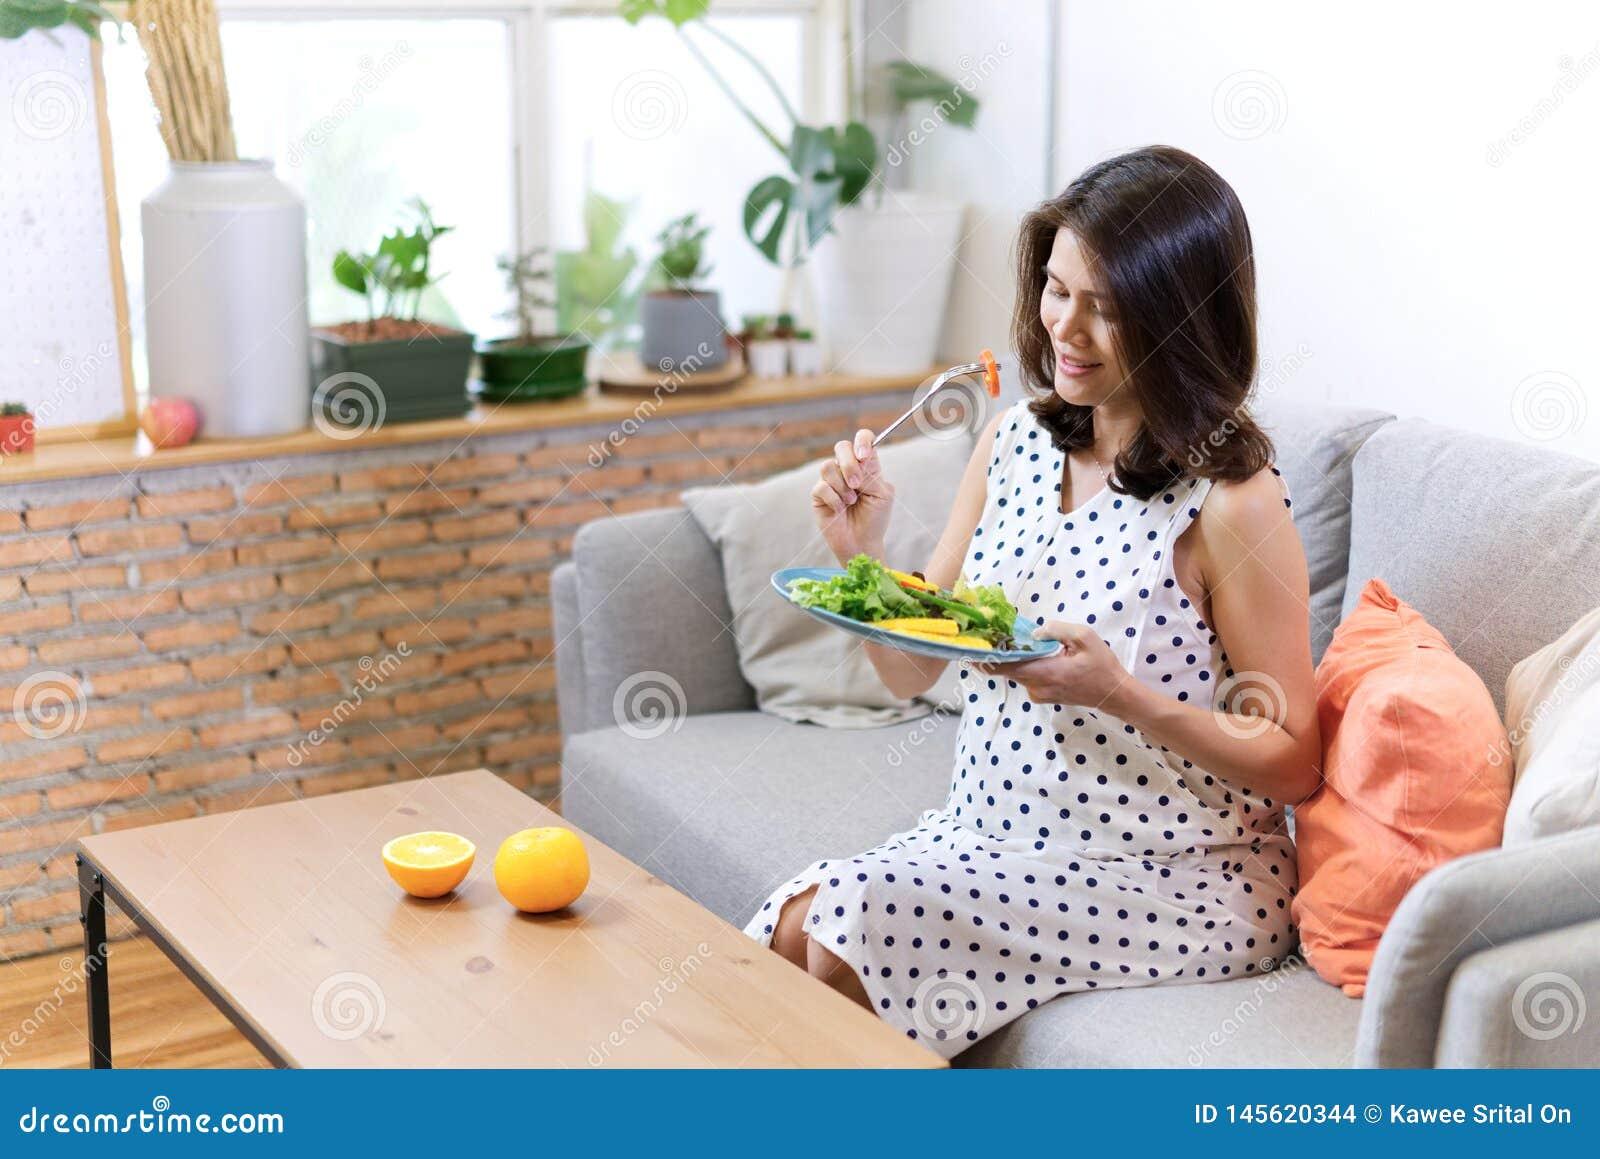 Las mujeres embarazadas asiáticas hermosas que se sientan en el sofá están teniendo ensalada para su desayuno que algunas naranja